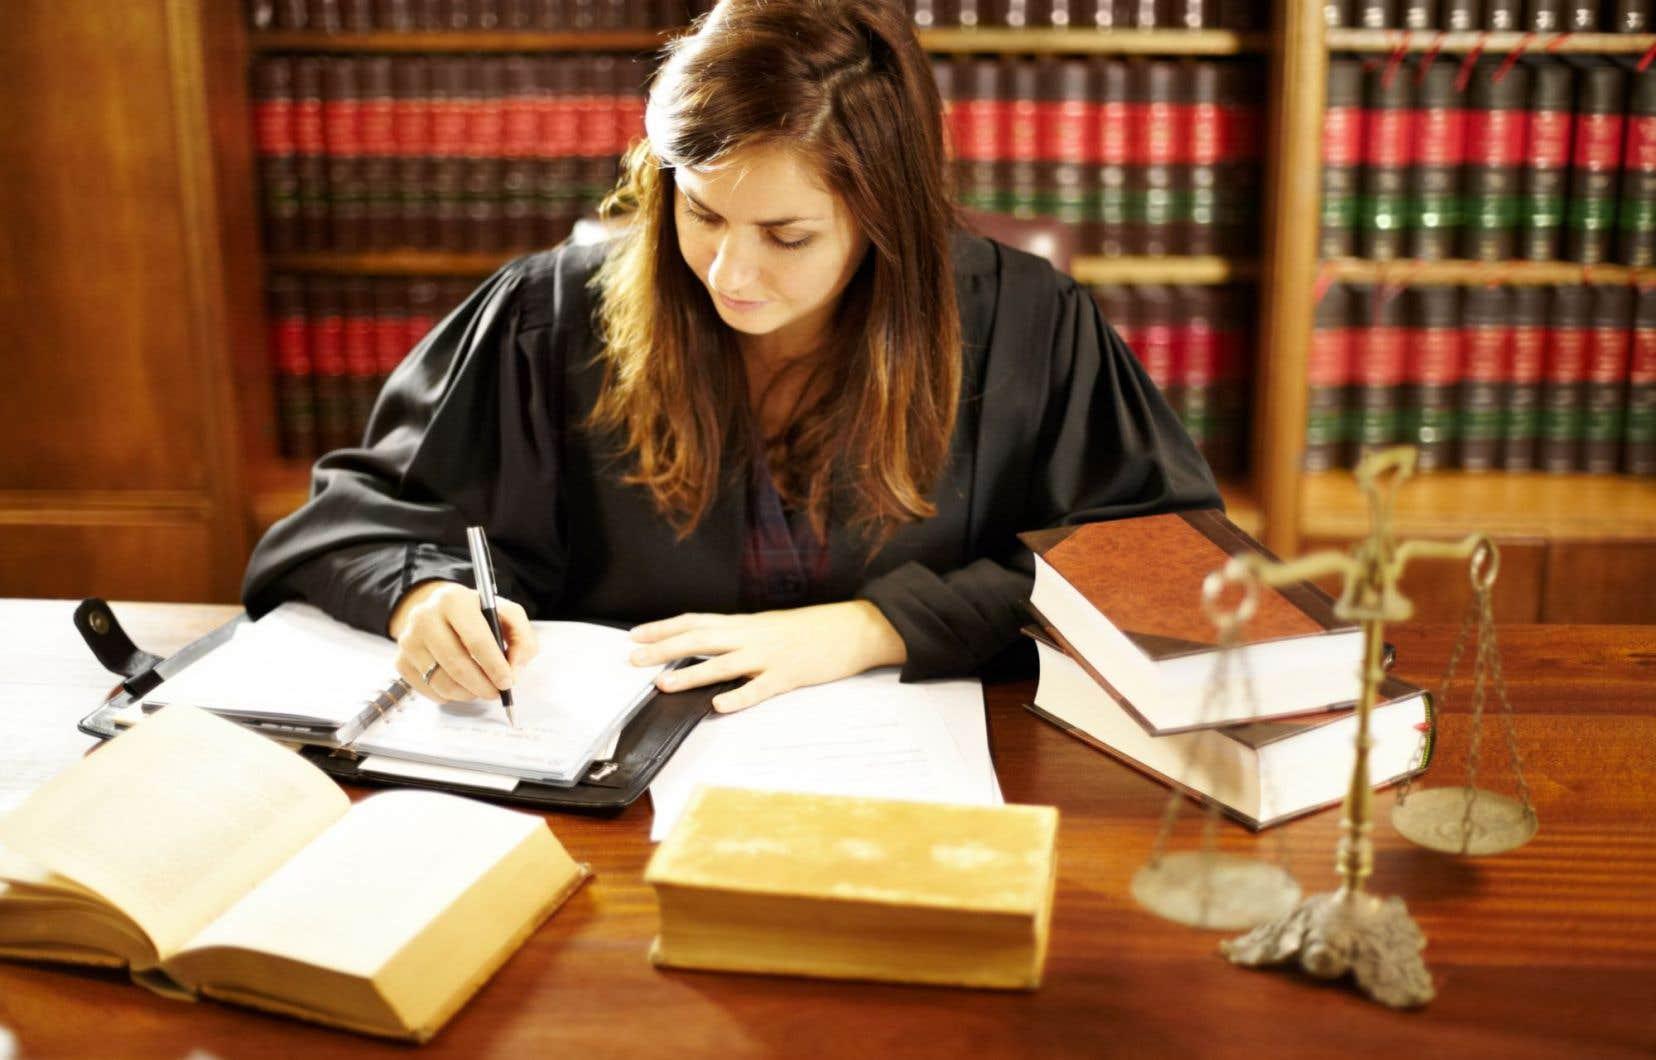 «Ce que réclame l'Association des juristes, c'est d'être respectée», souligne l'auteur.